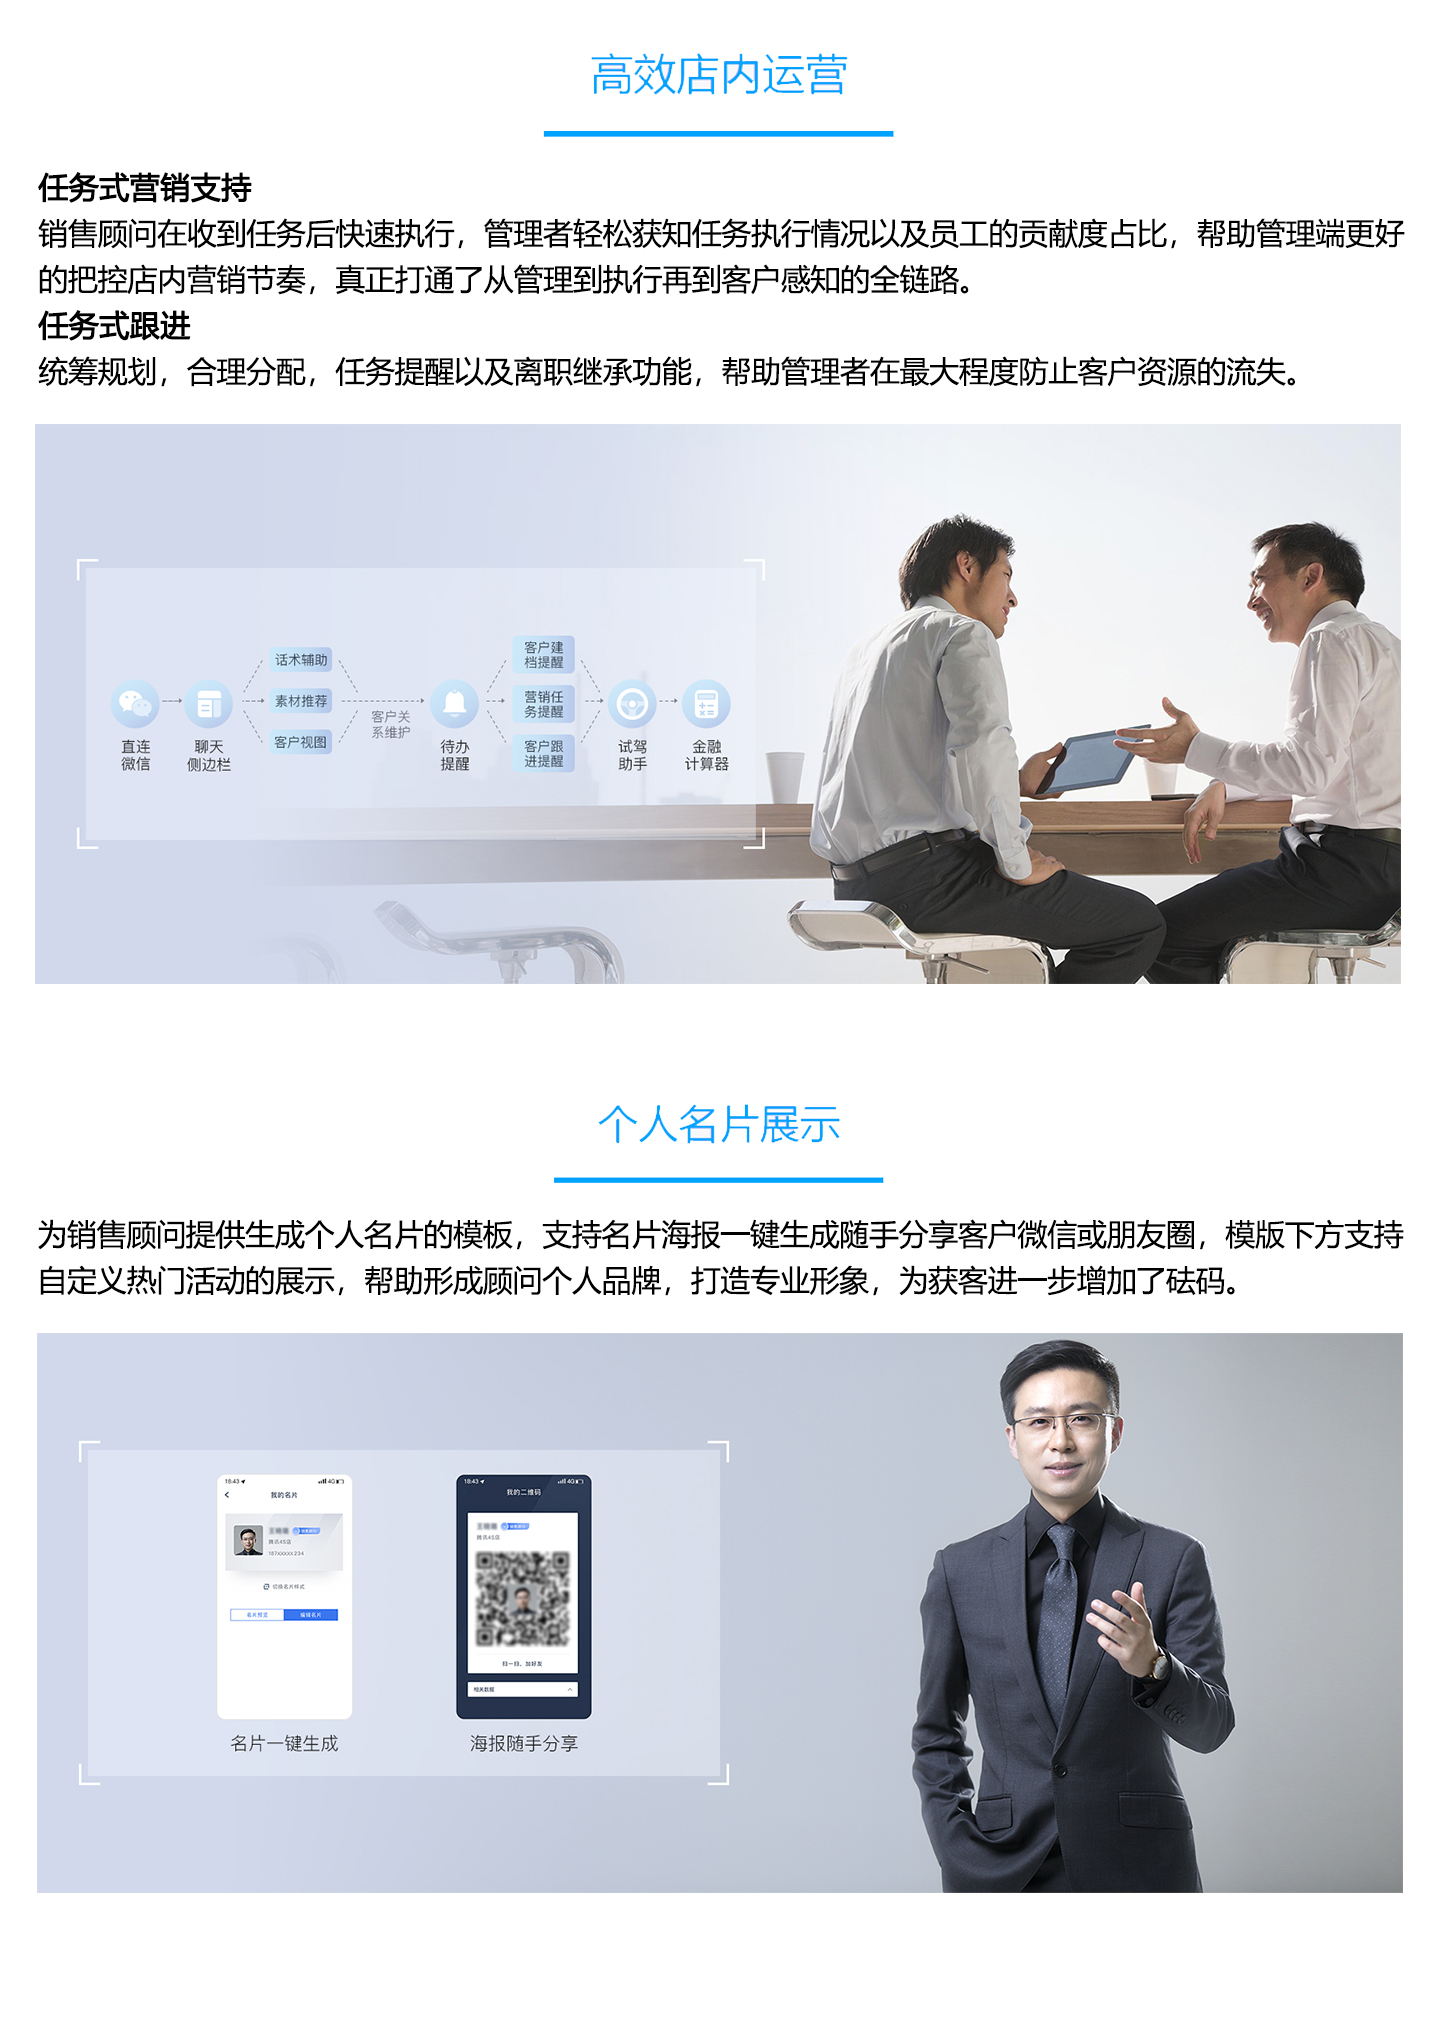 企业微信汽车行业版-WAV-1440_04.jpg